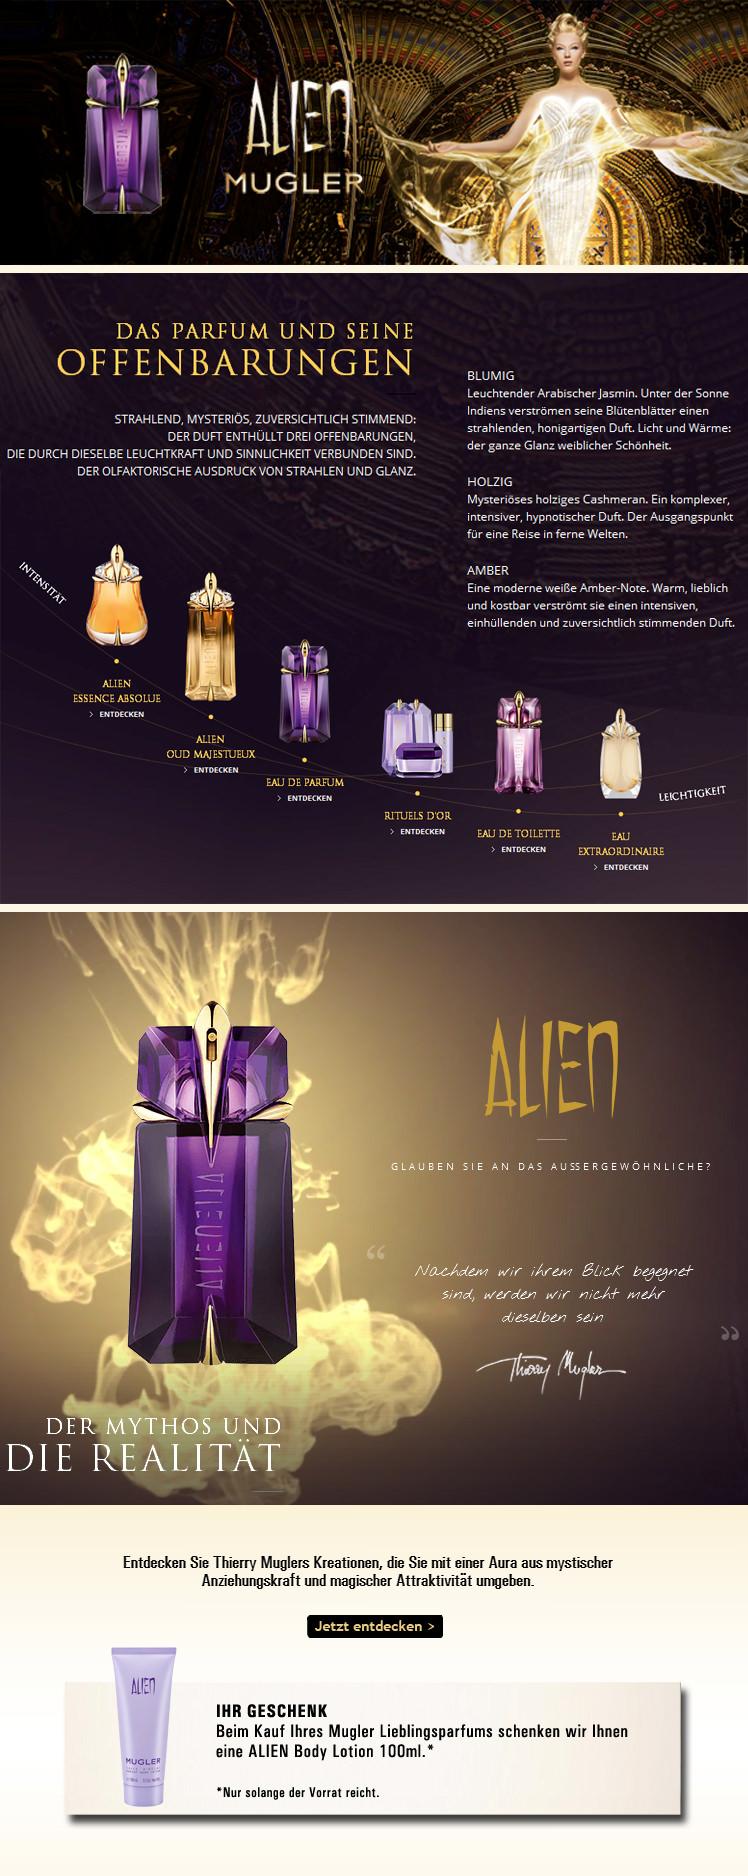 Parfümerie Pieper online - Thierry Mugler Alien - Das Parfum und seine Offenbarungen